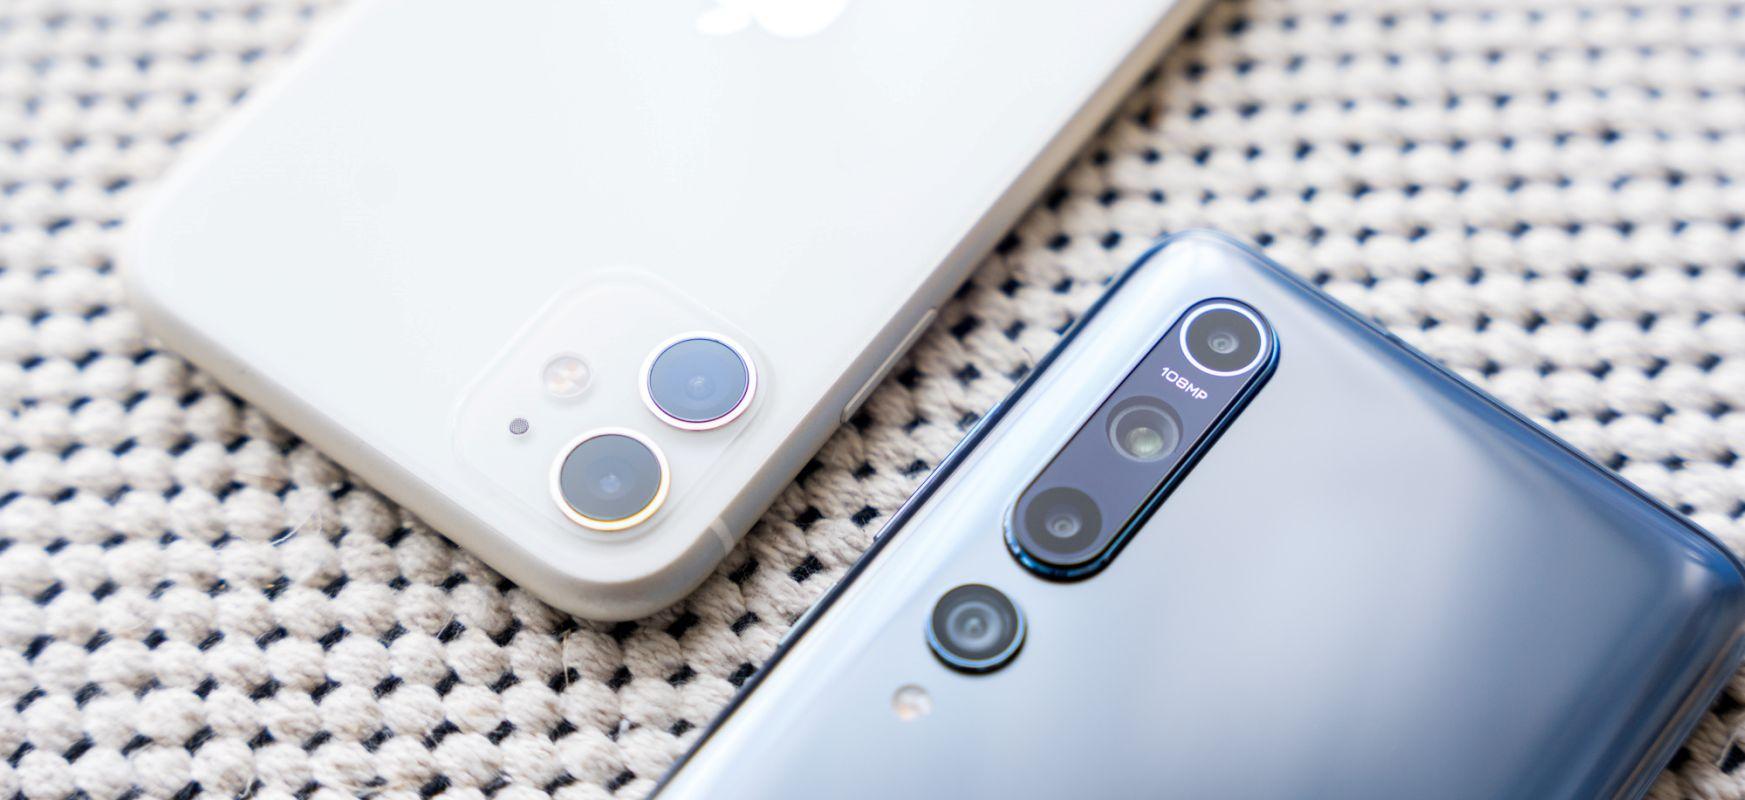 PLN 100 besterik ez da, eta hutsunea handia da.  Xiaomi Mi 10 versus iPhone 11 - smartphone konparazioa